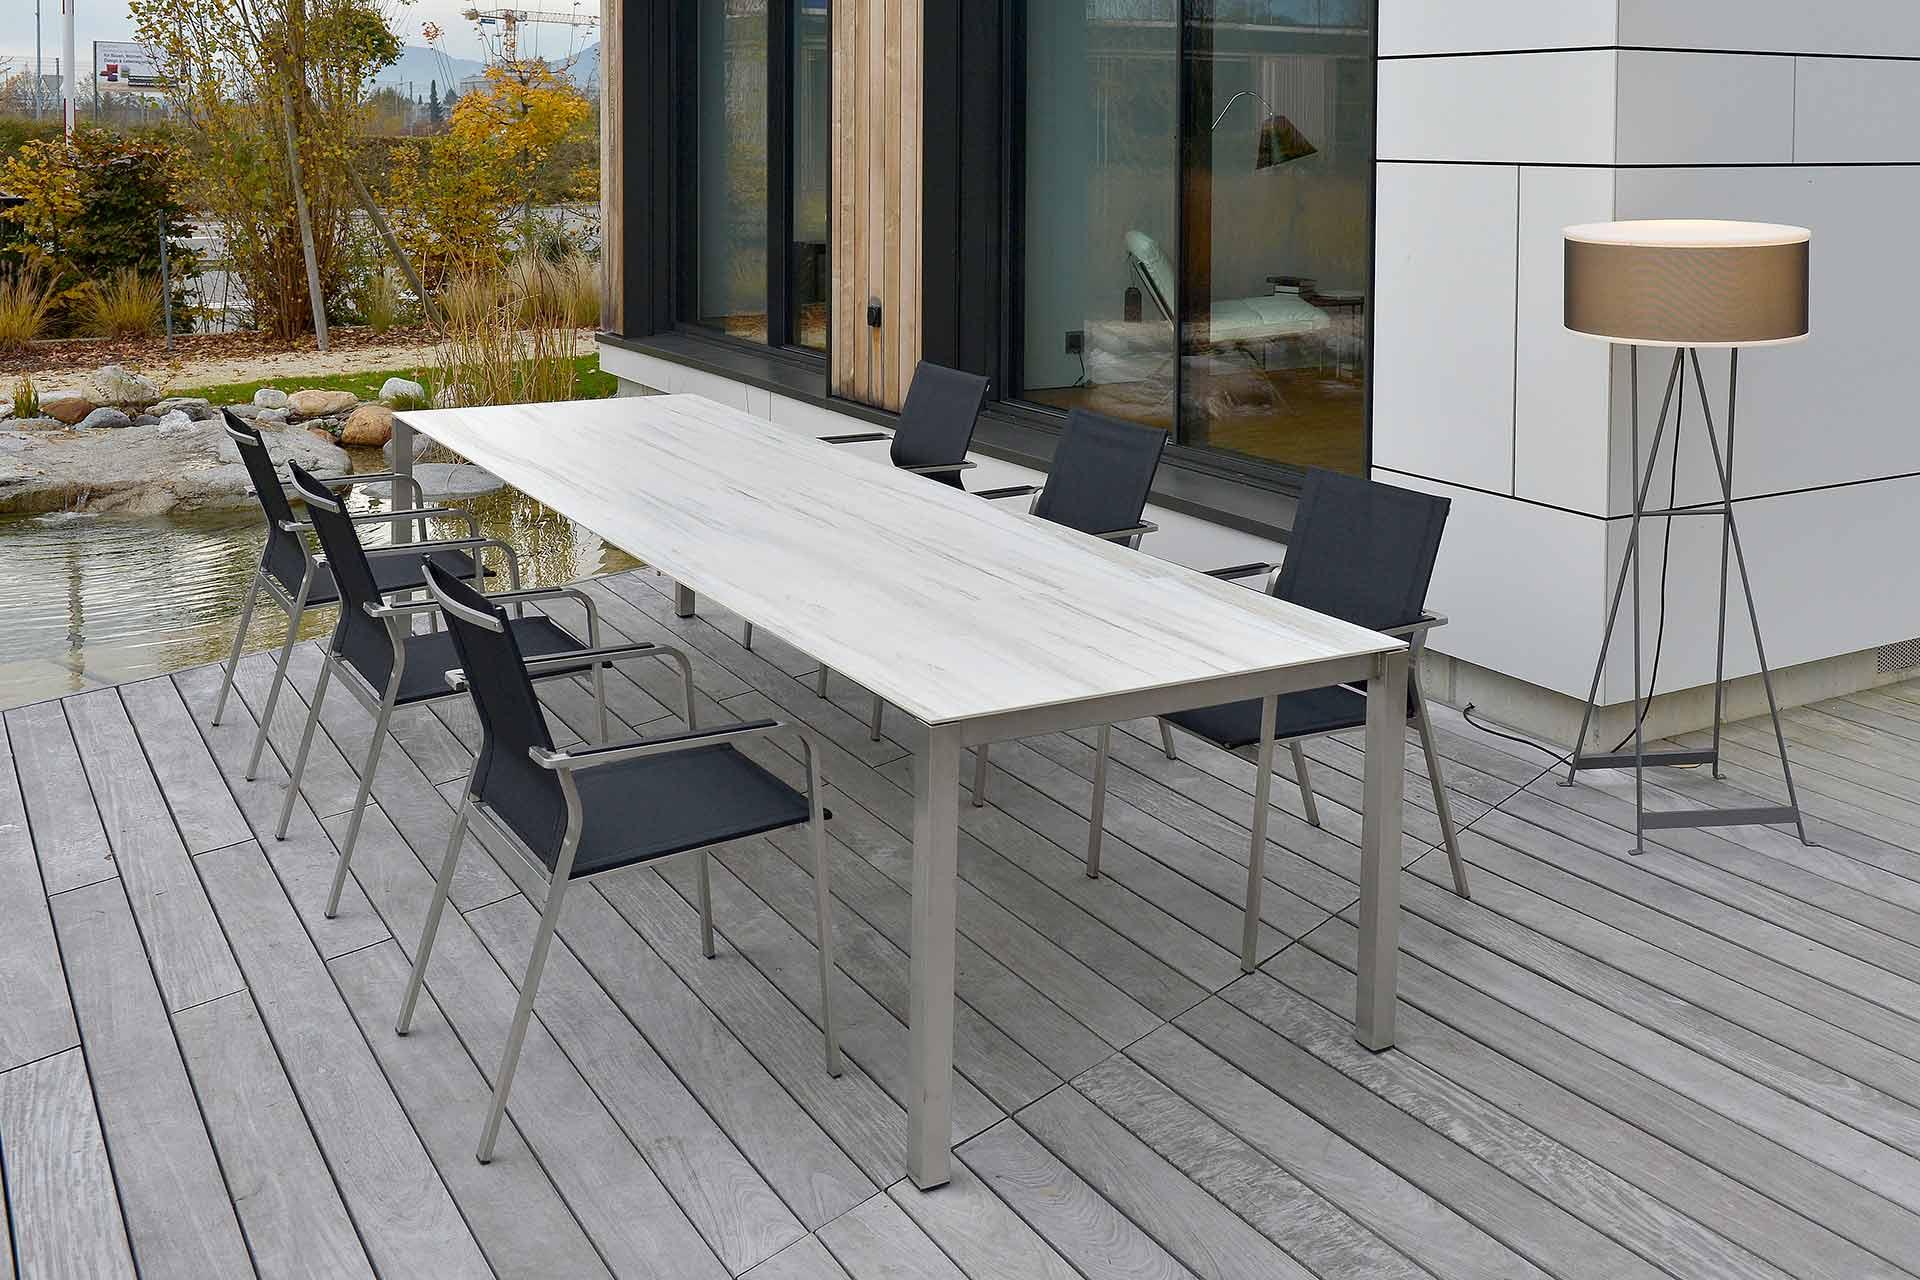 sitmobilia ziegeler outdoor living. Black Bedroom Furniture Sets. Home Design Ideas